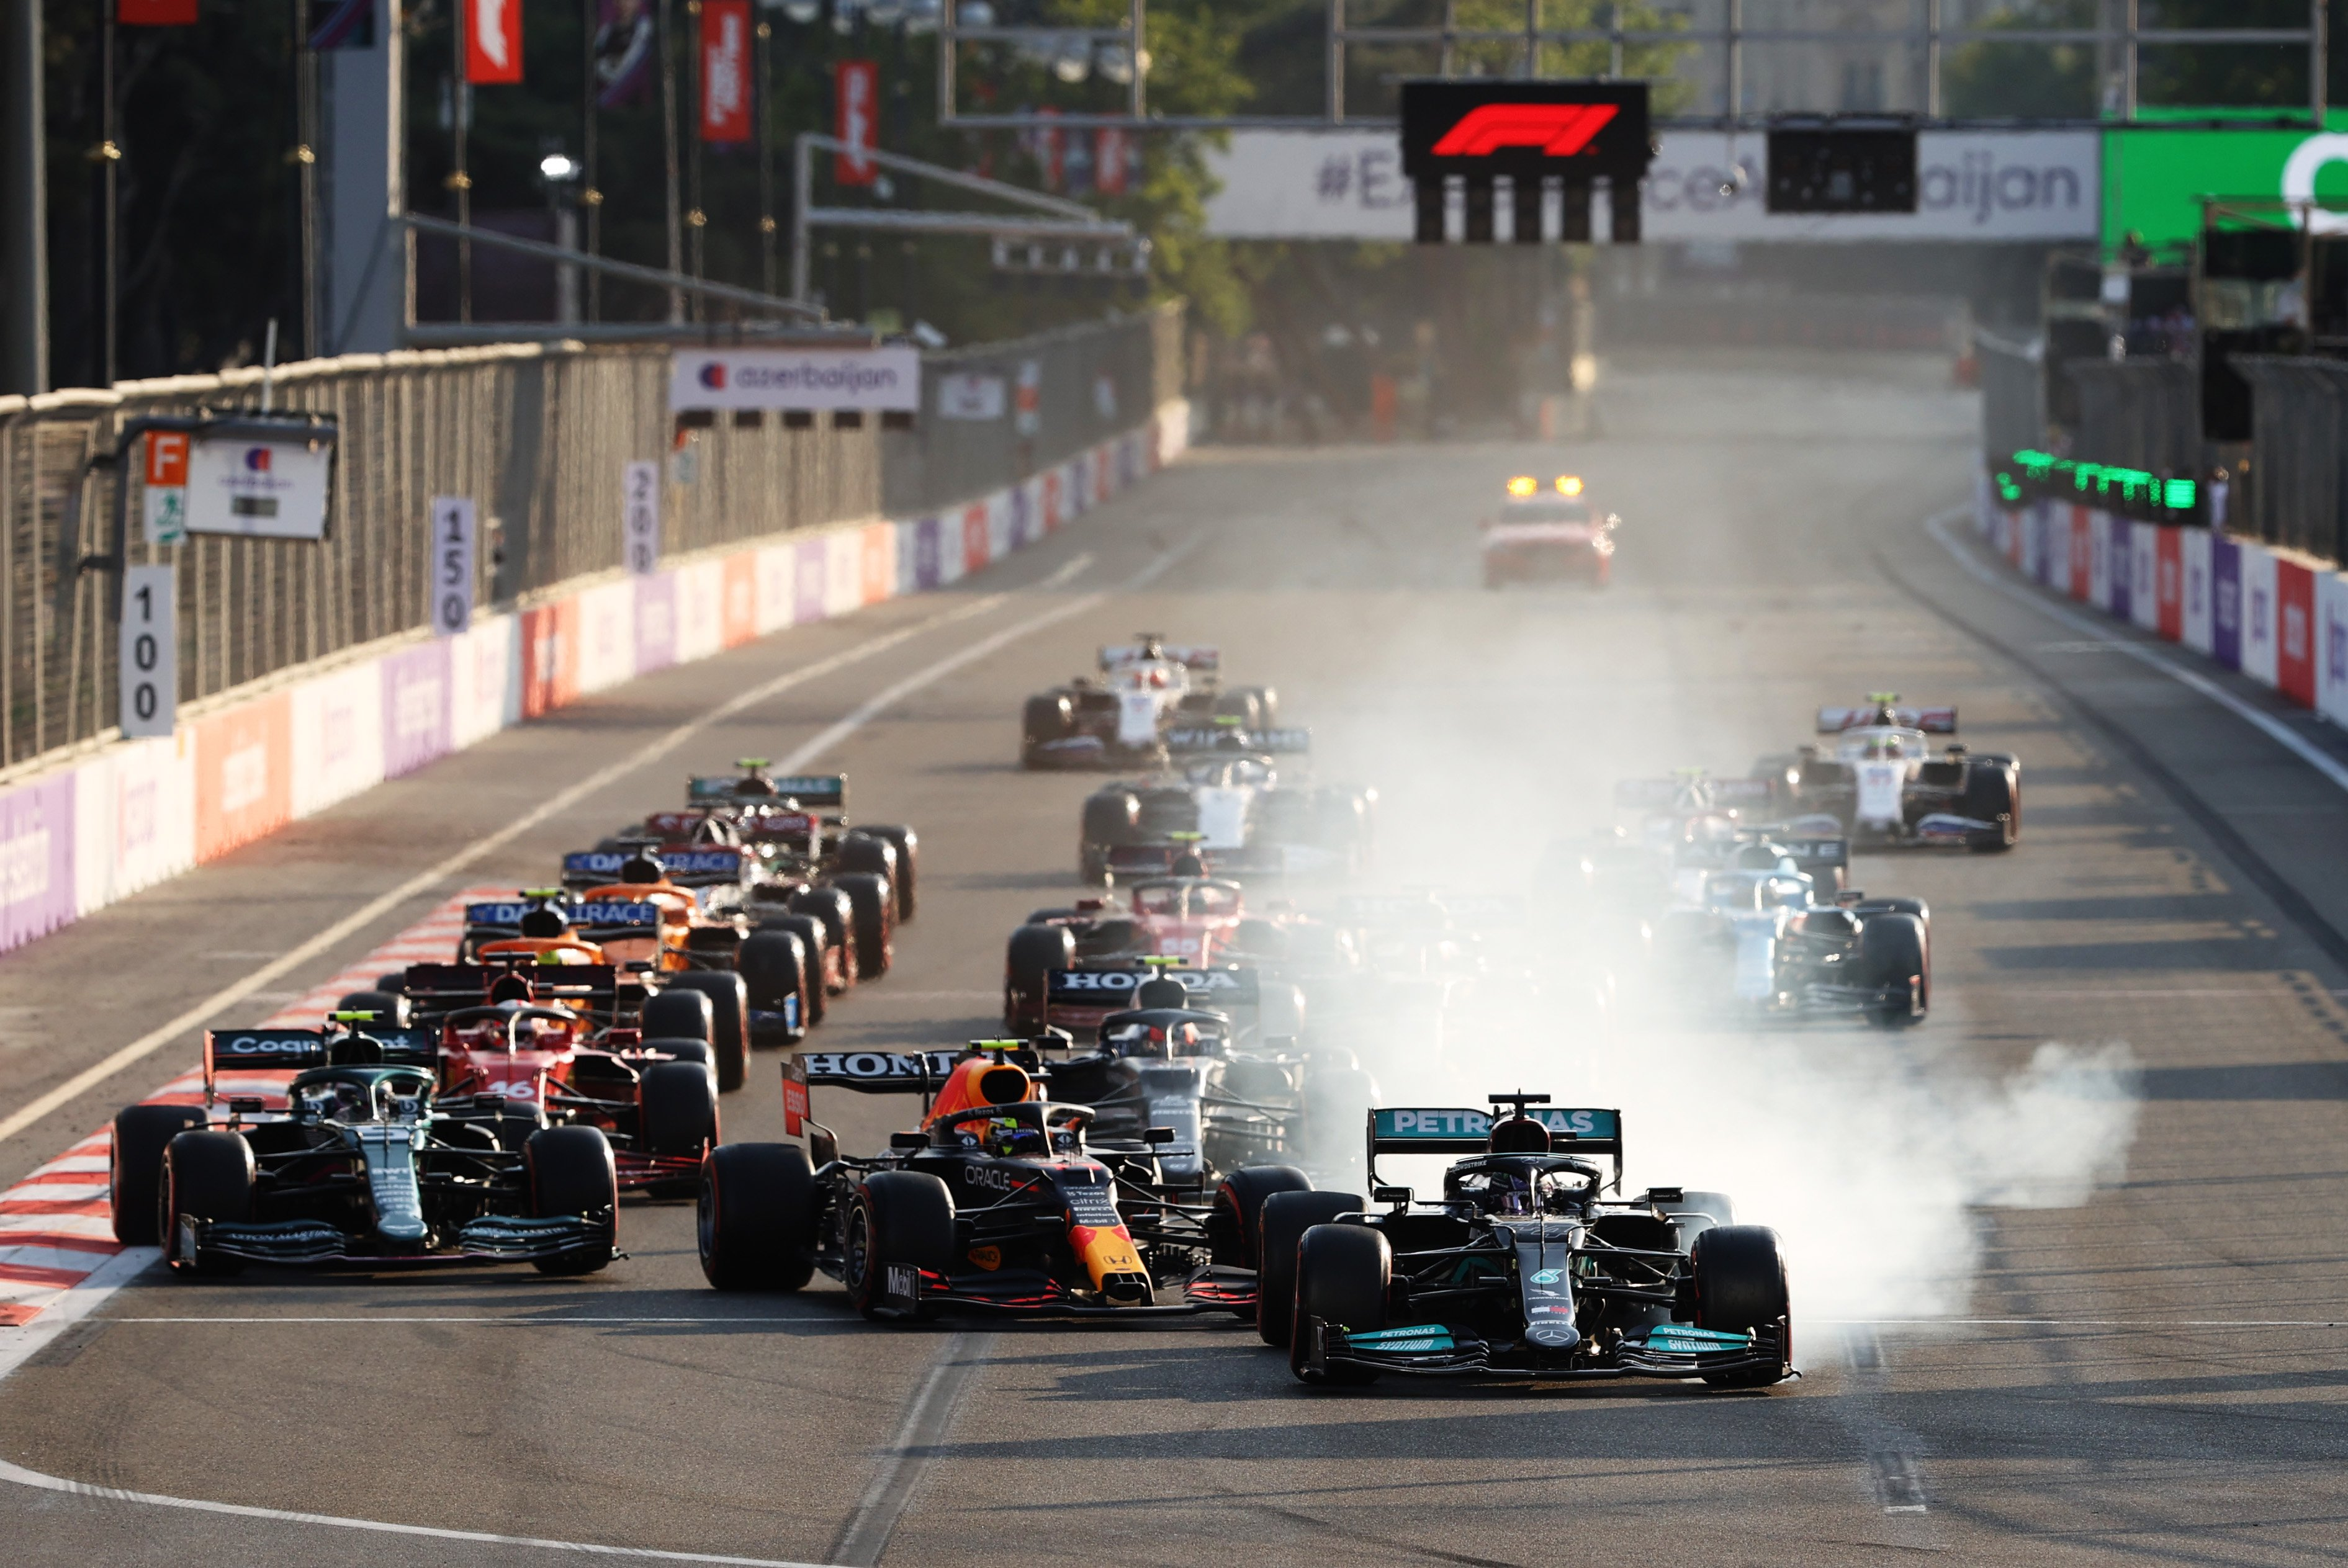 再スタートの1コーナーでトップのハミルトンがブレーキを盛大にロックさせてコースオフ。優勝争いから脱落した